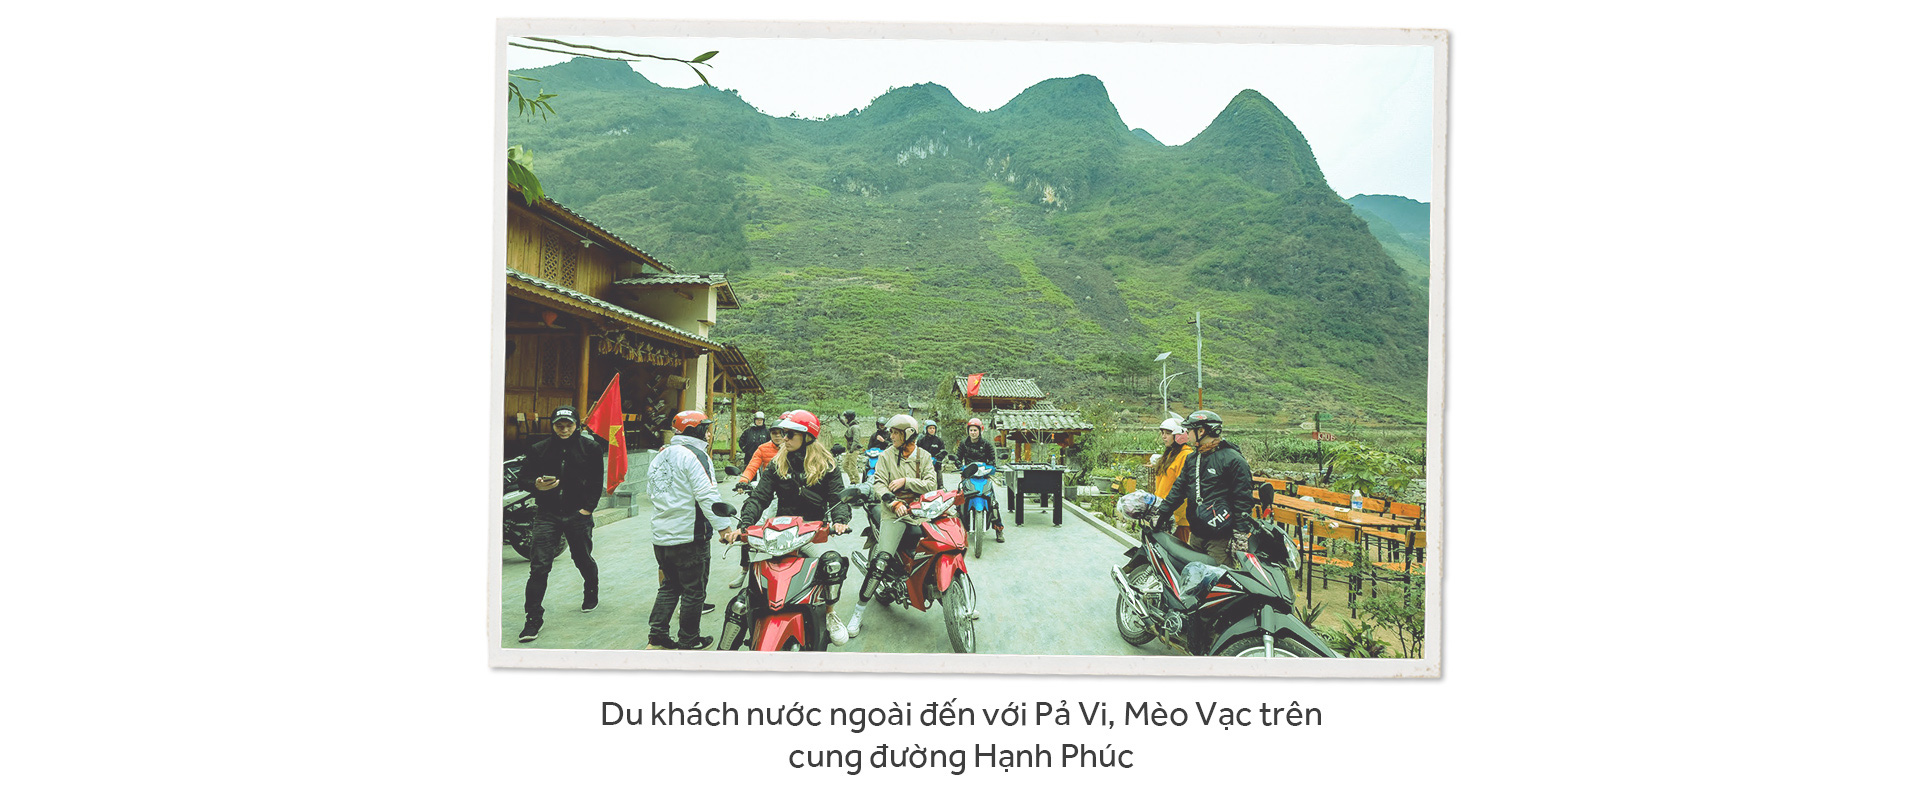 55 năm Cung đường Hạnh Phúc trên trập trùng núi đá Hà Giang - Ảnh 20.